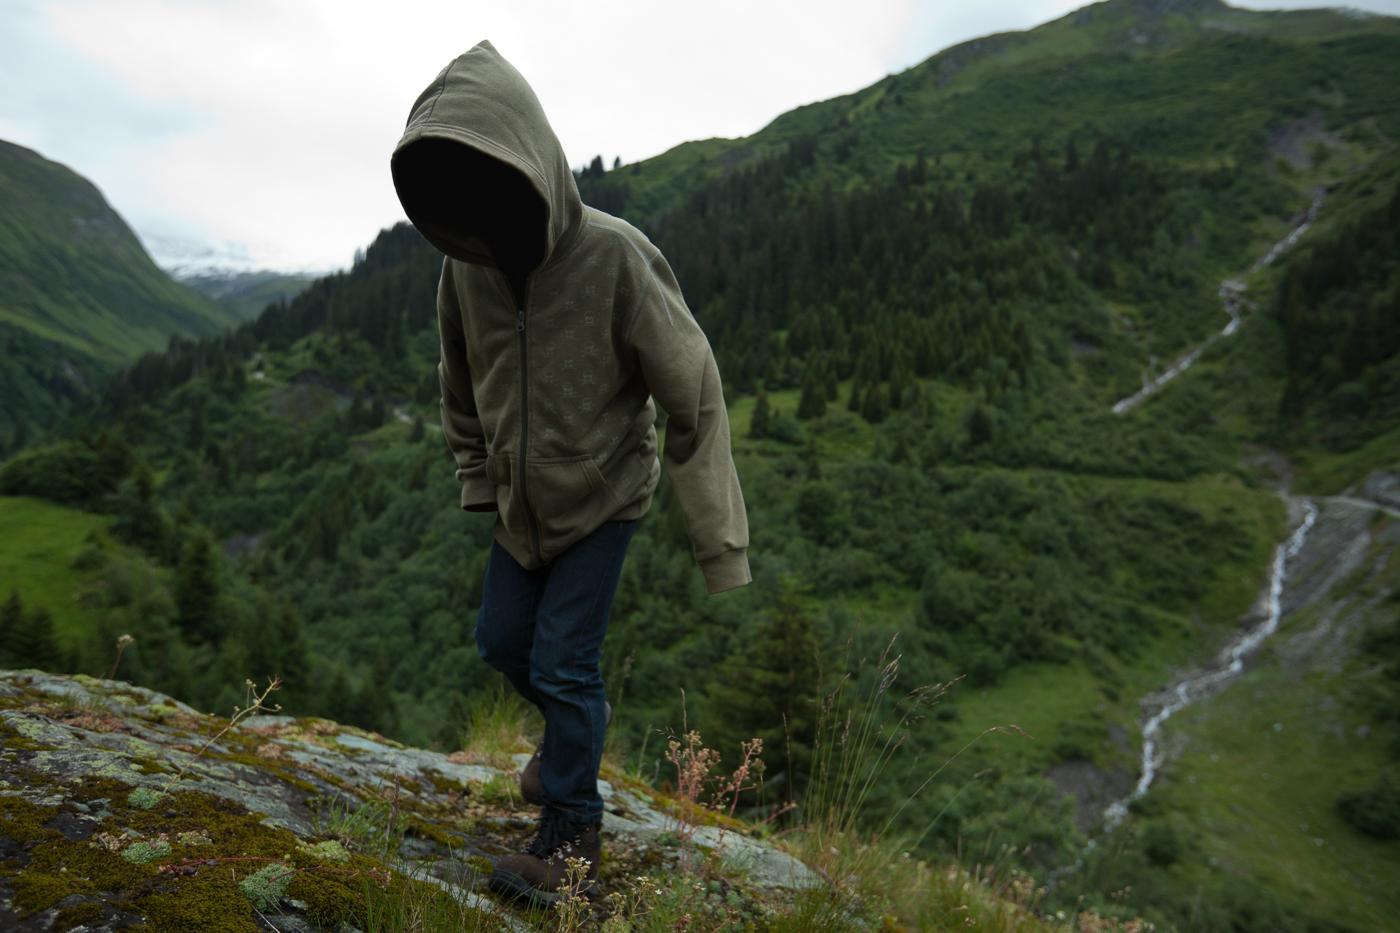 Verner Soler_USA-Switzerland_A Child's Privacy_08.jpg